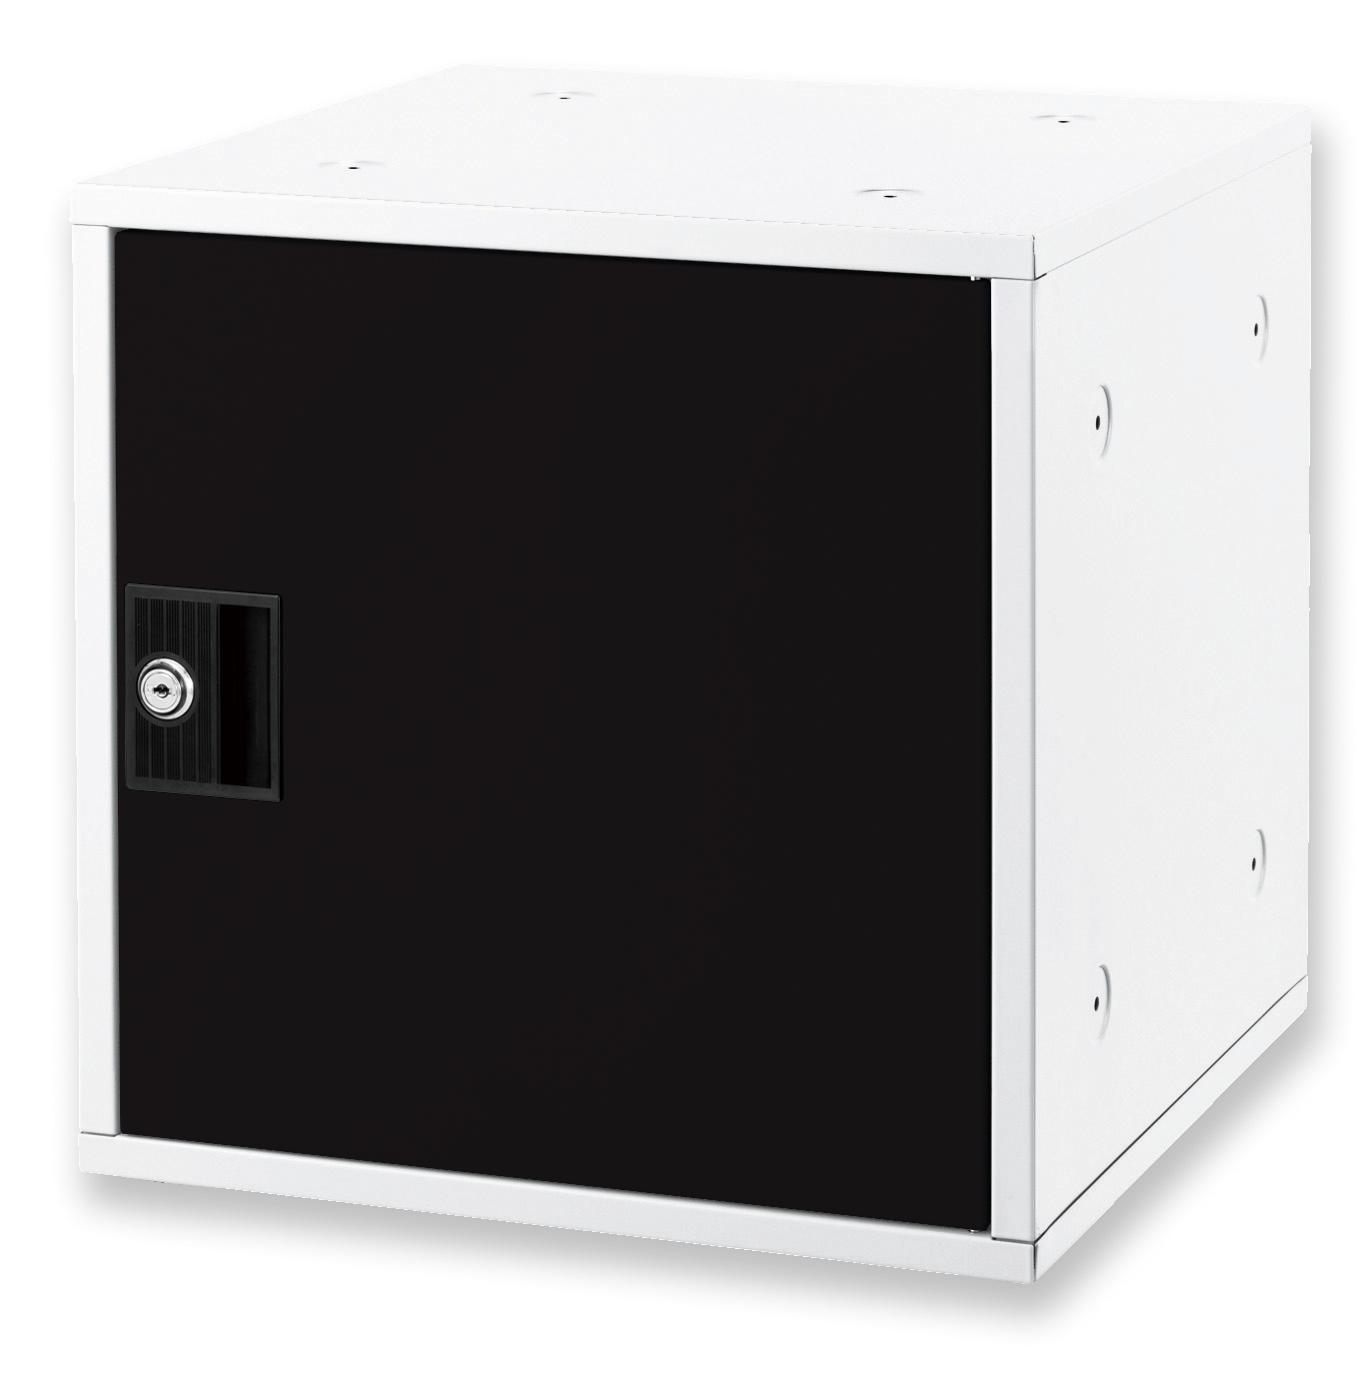 アスカ 組み立て式シューズボックス ブラック SB800BK